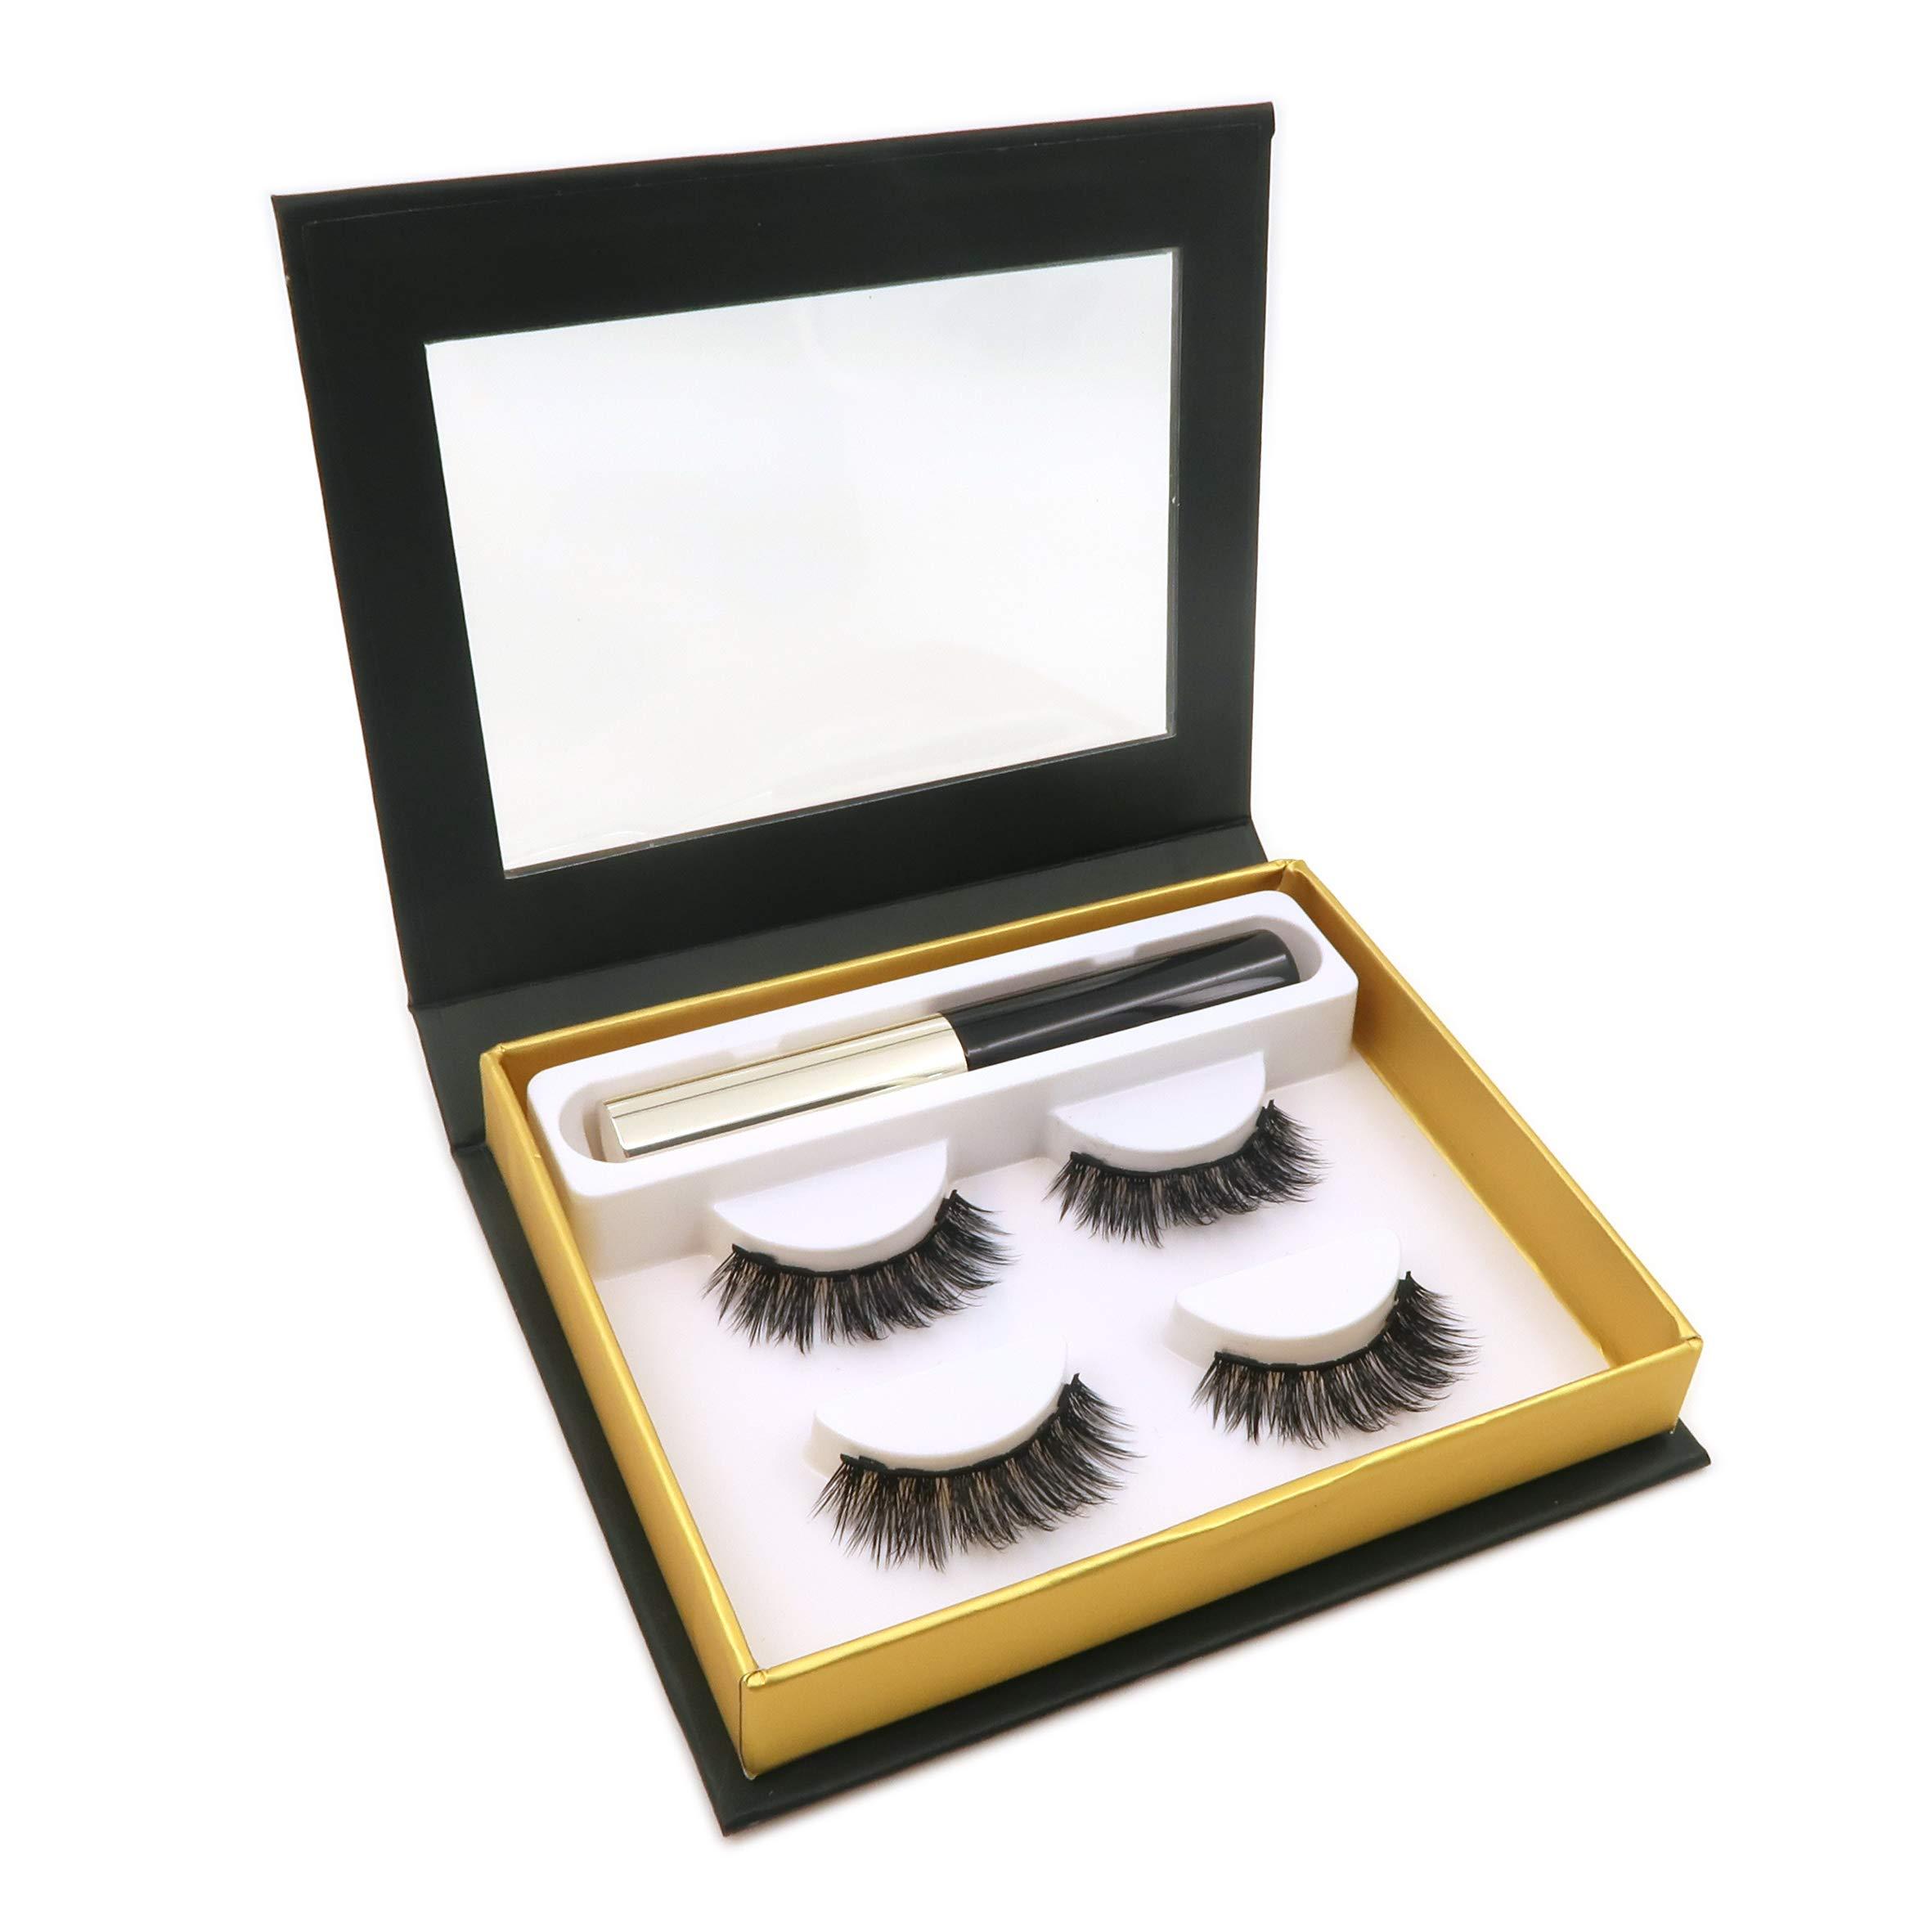 Magnetic False Eyelashes with Magnetic Liquid Eyeliner Set Including 2 pairs Magnetic Eyelashes-No Glue (Magnetic Eyeliner and Magnetic Eyelashes sets)